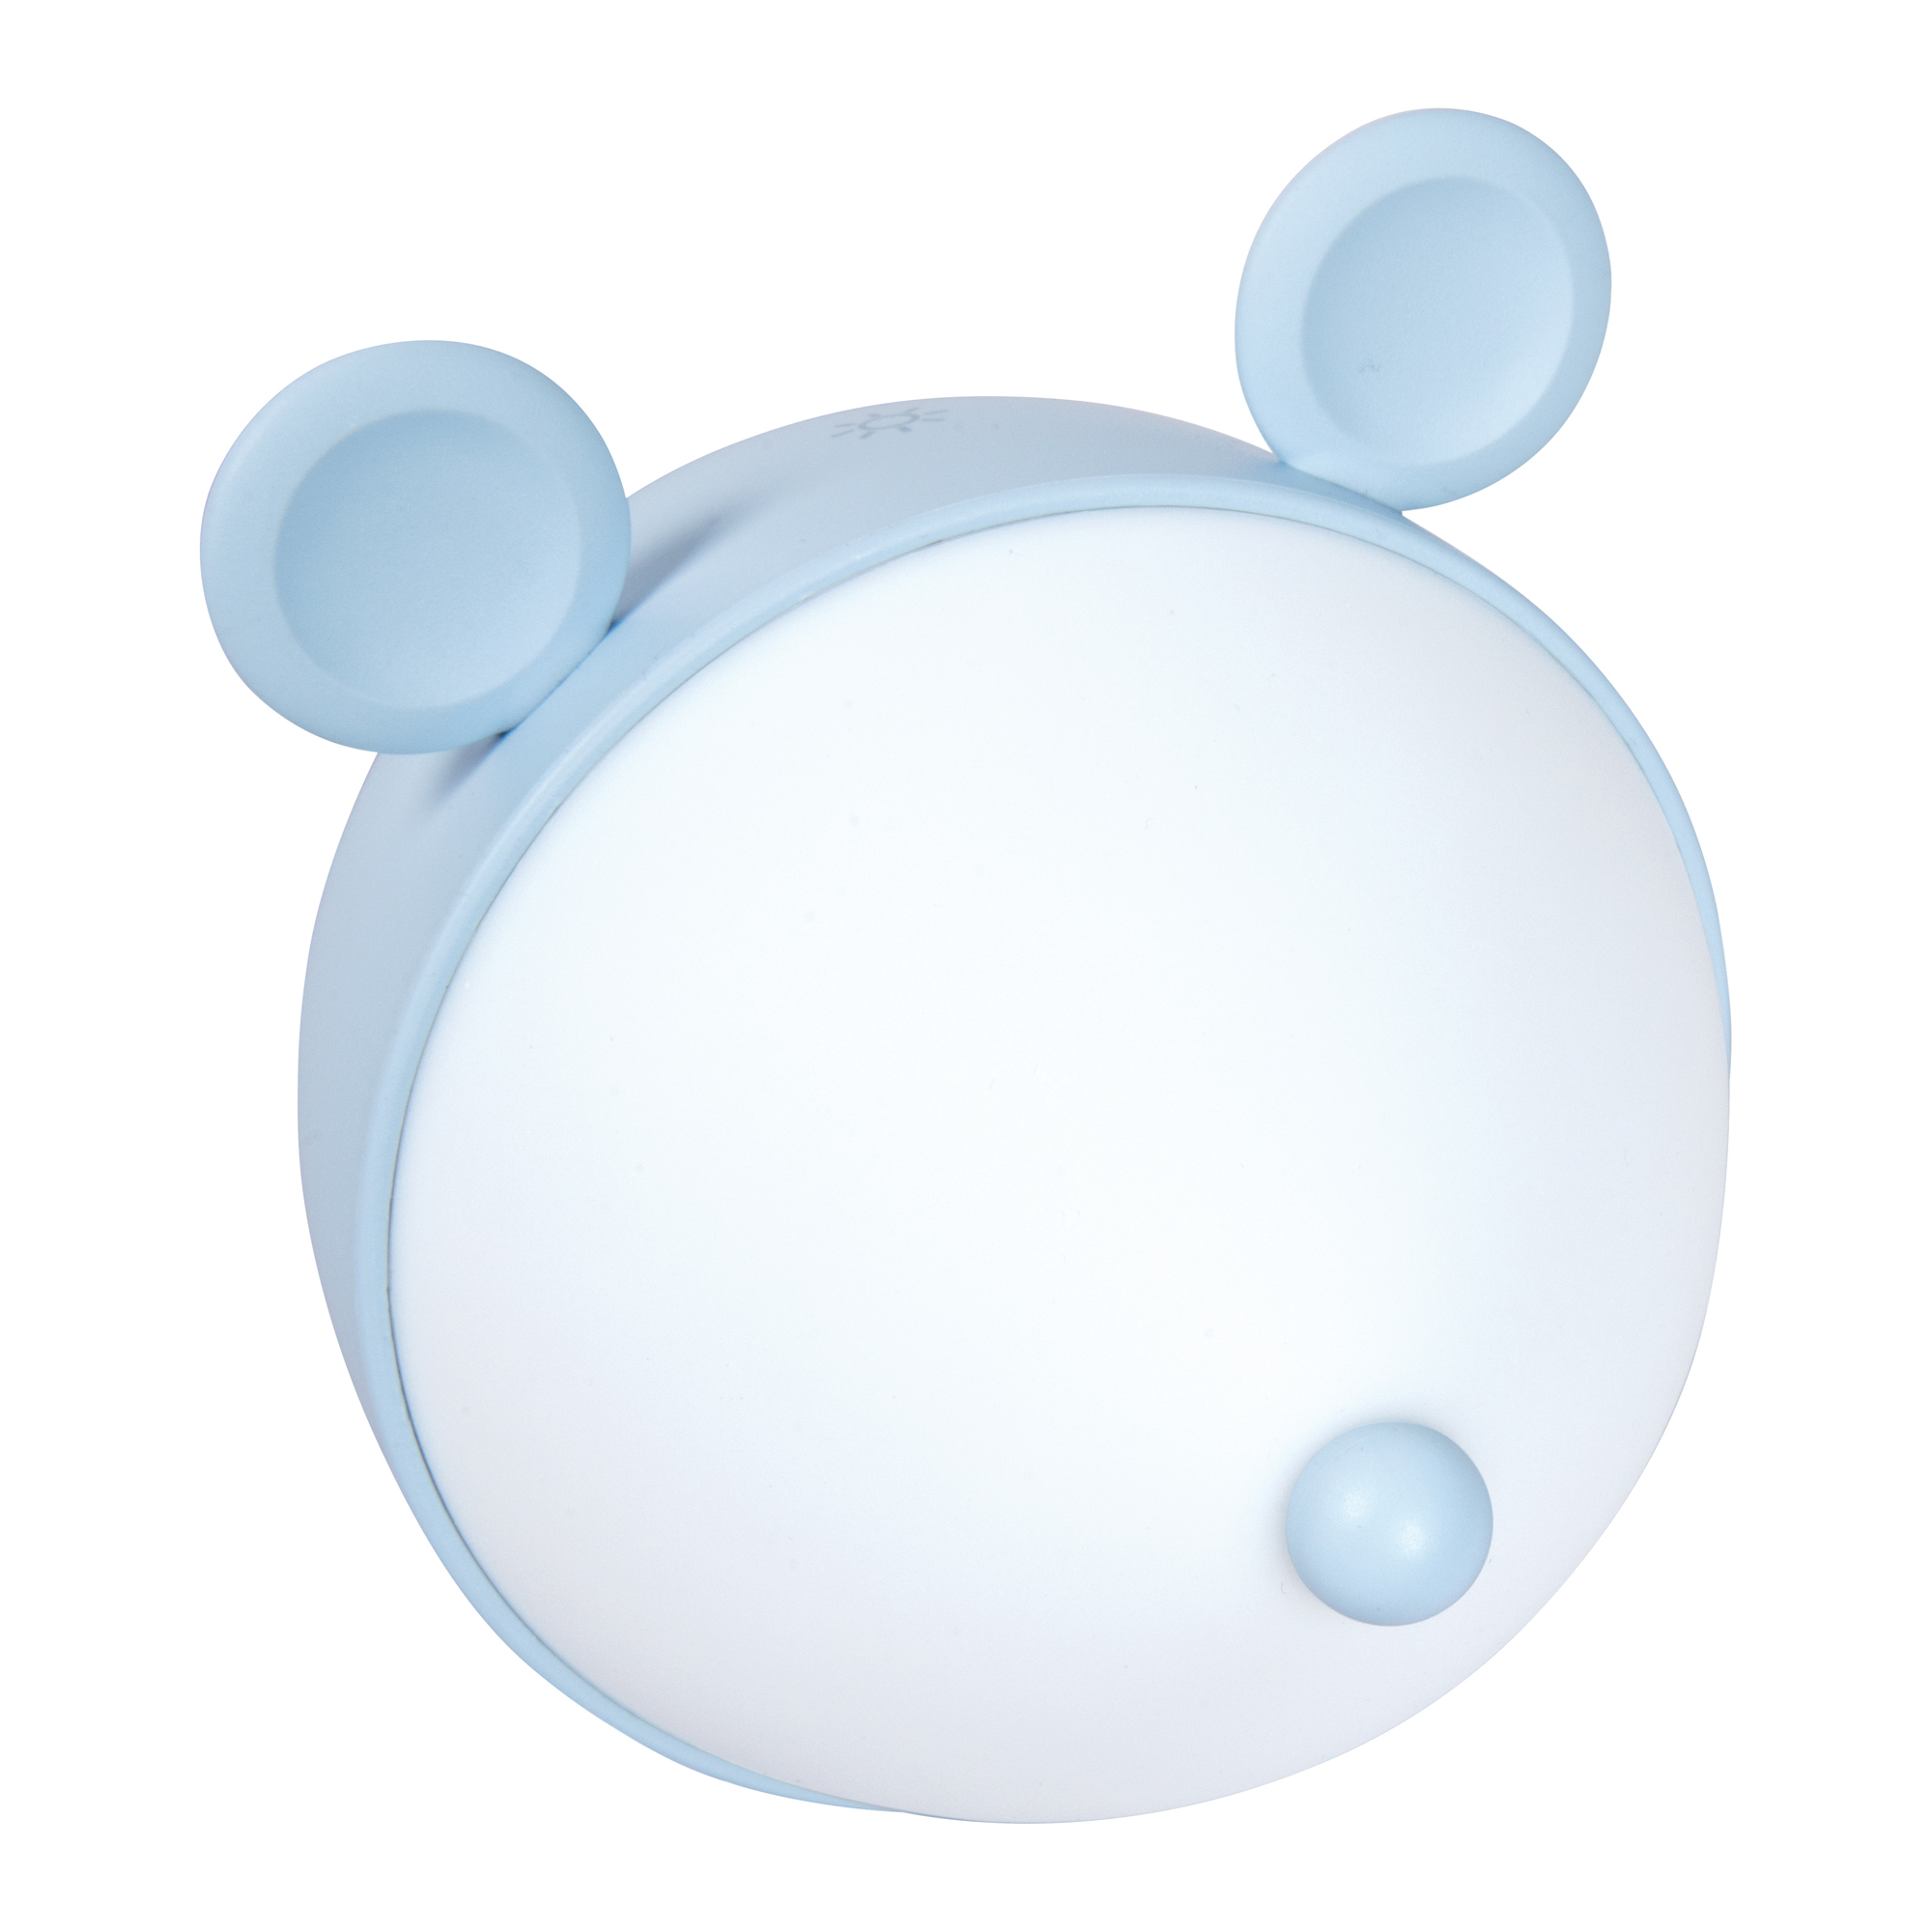 Lampka dekoracyjna LED Activejet AJE-MIKI BLUE